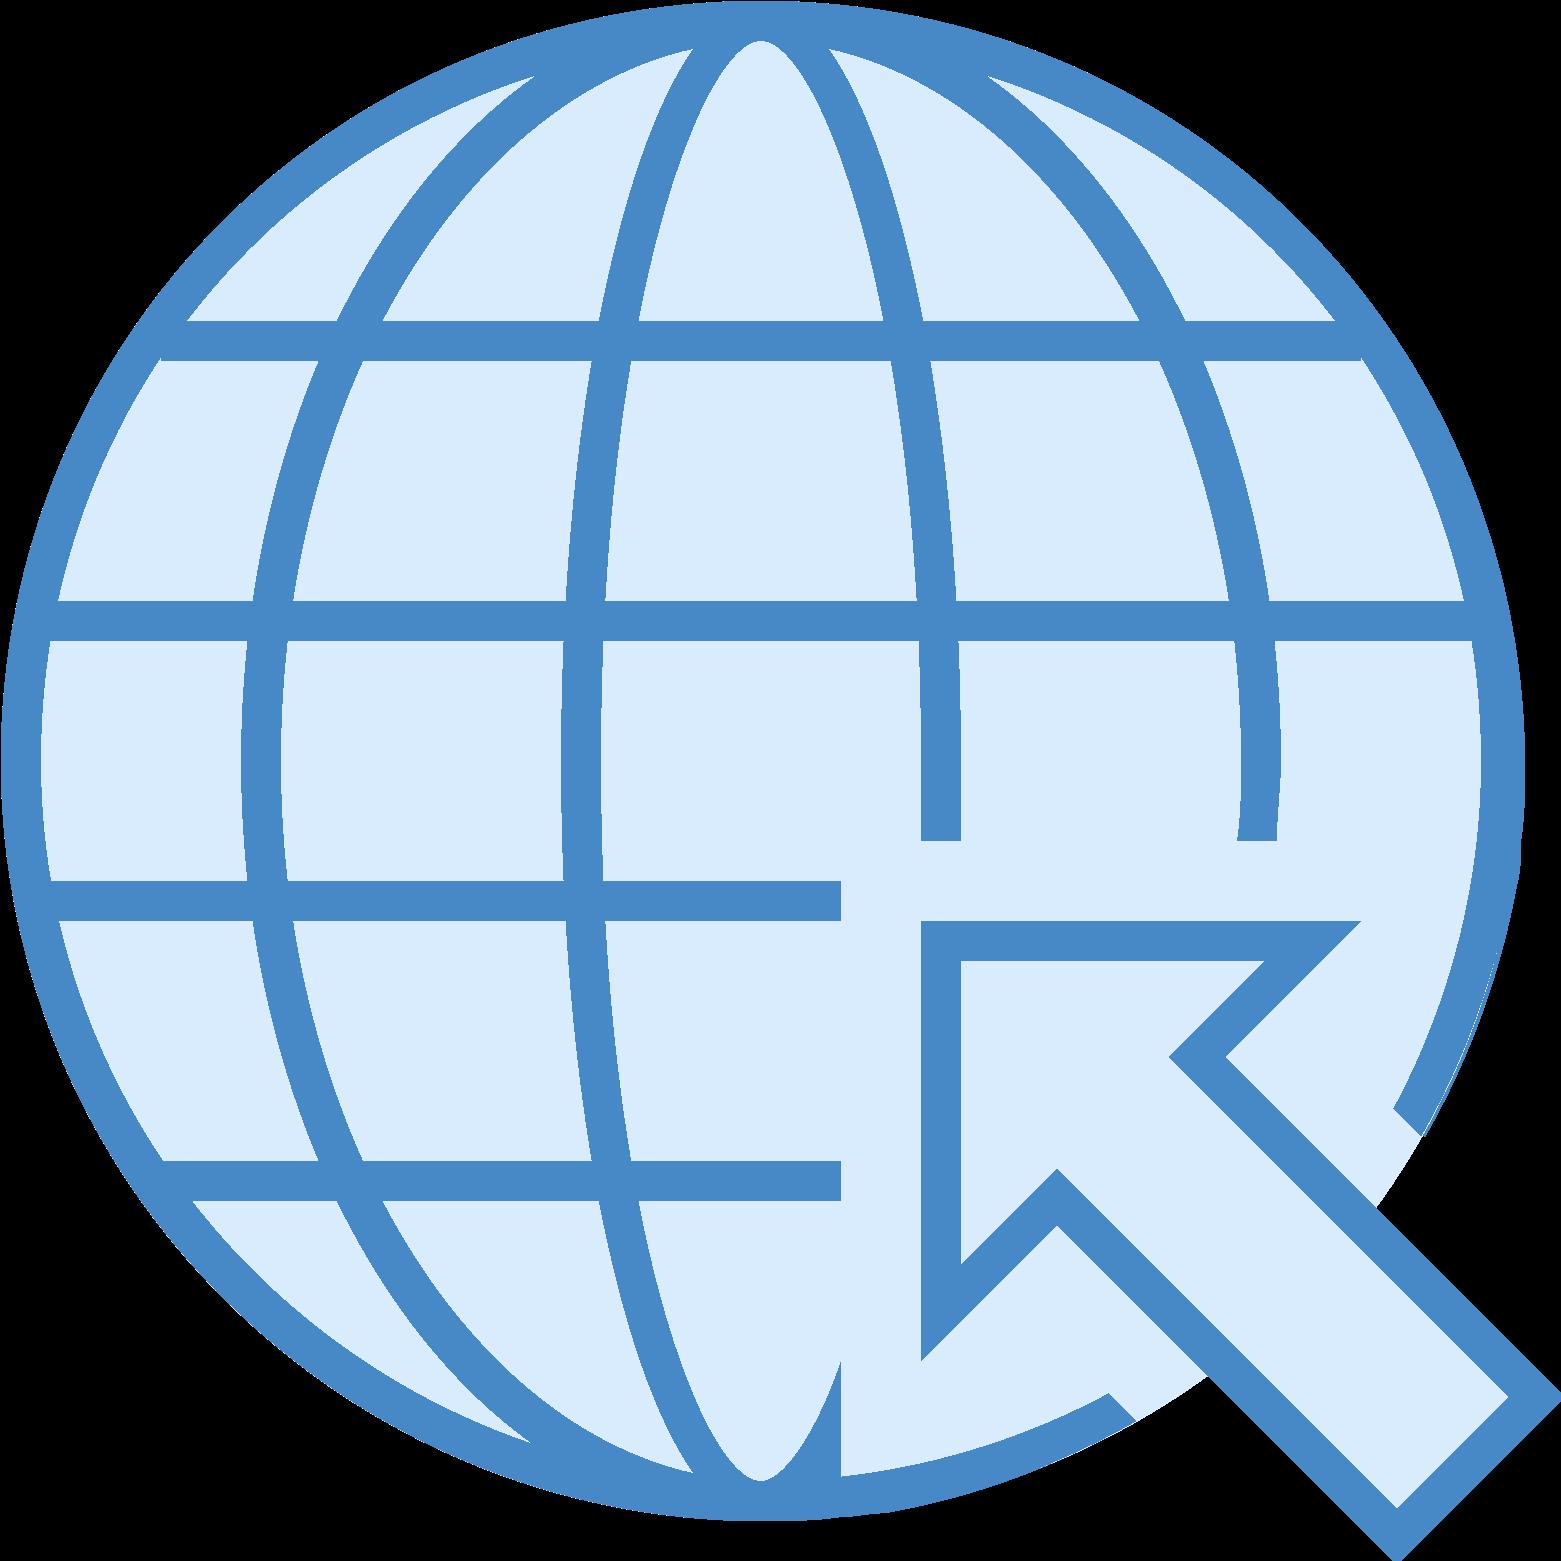 オリジナル Web Icon Png Transparent - 楮根タメ